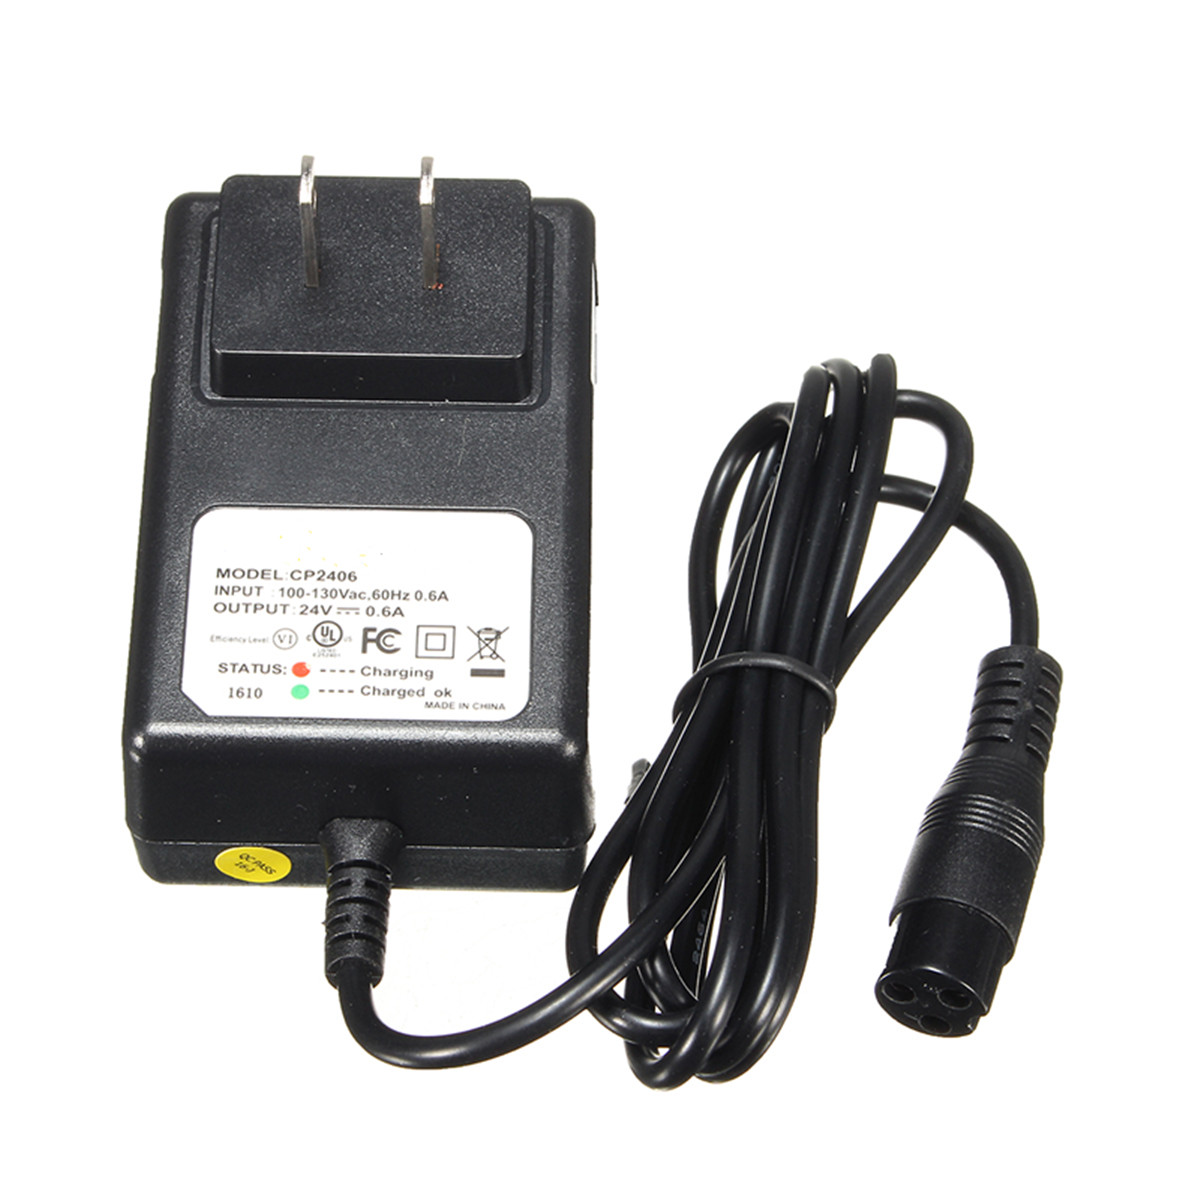 24V 0.6A Chargeur de batterie 3-Prong pour Razor E100 E125 E500S PR200 Scooter Bike